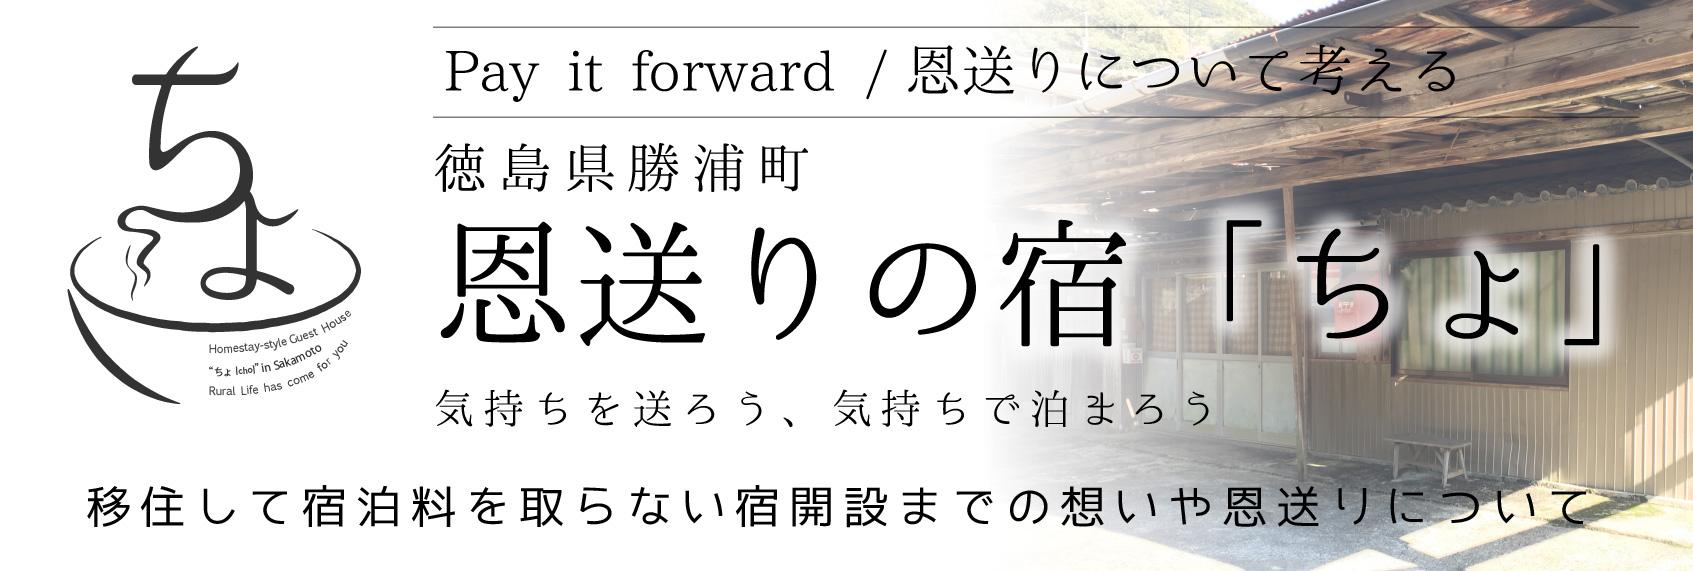 恩送りの宿「ちょ」を作ろう(旧アキヤマ家をつくろう)